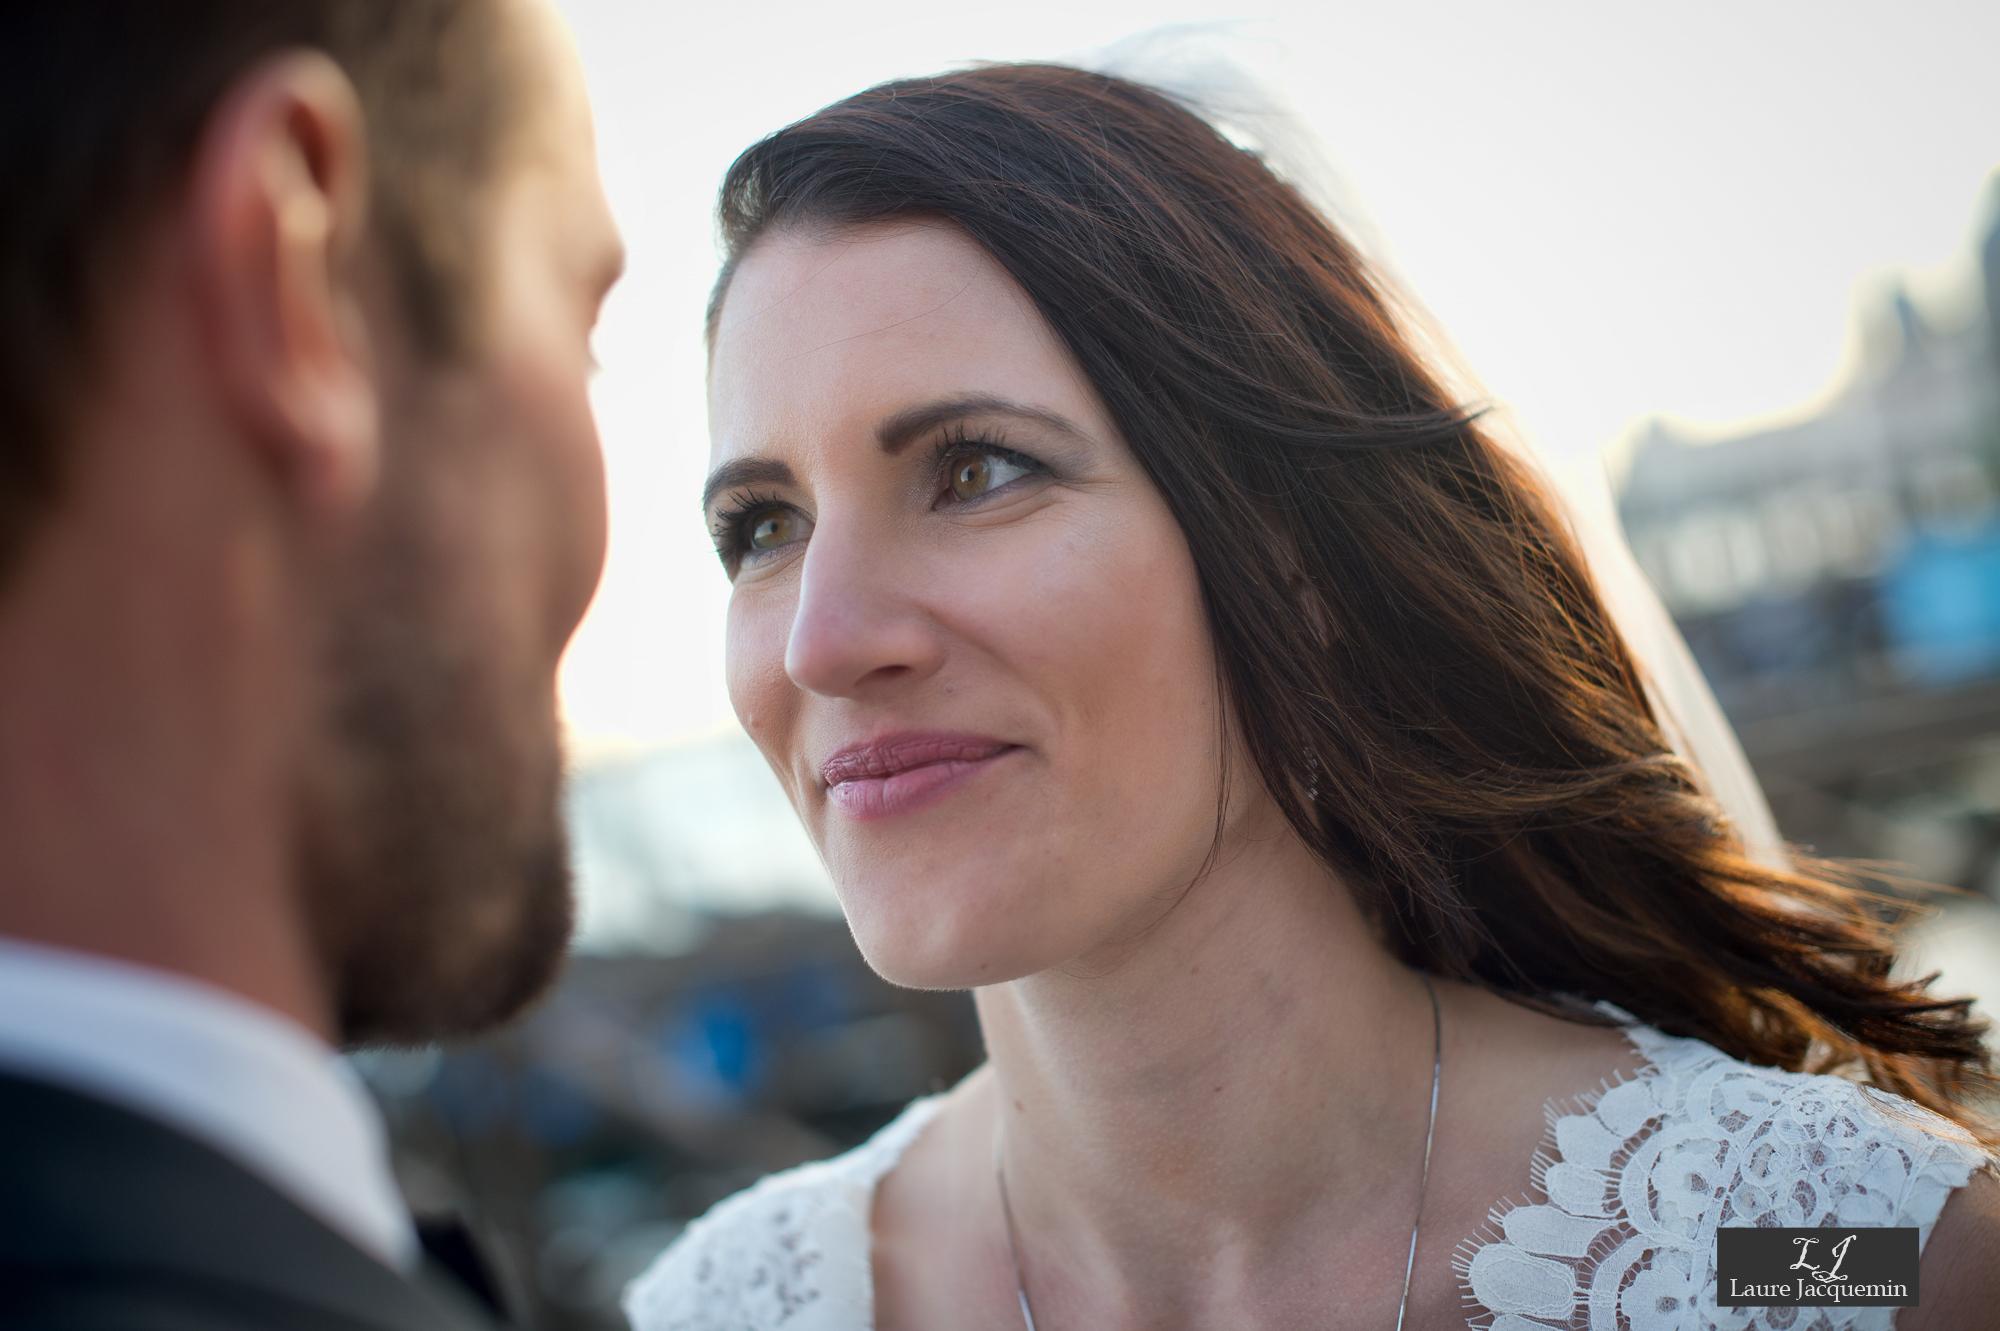 photographe mariage laure jacquemin palazzo cavalli service photographique (108)